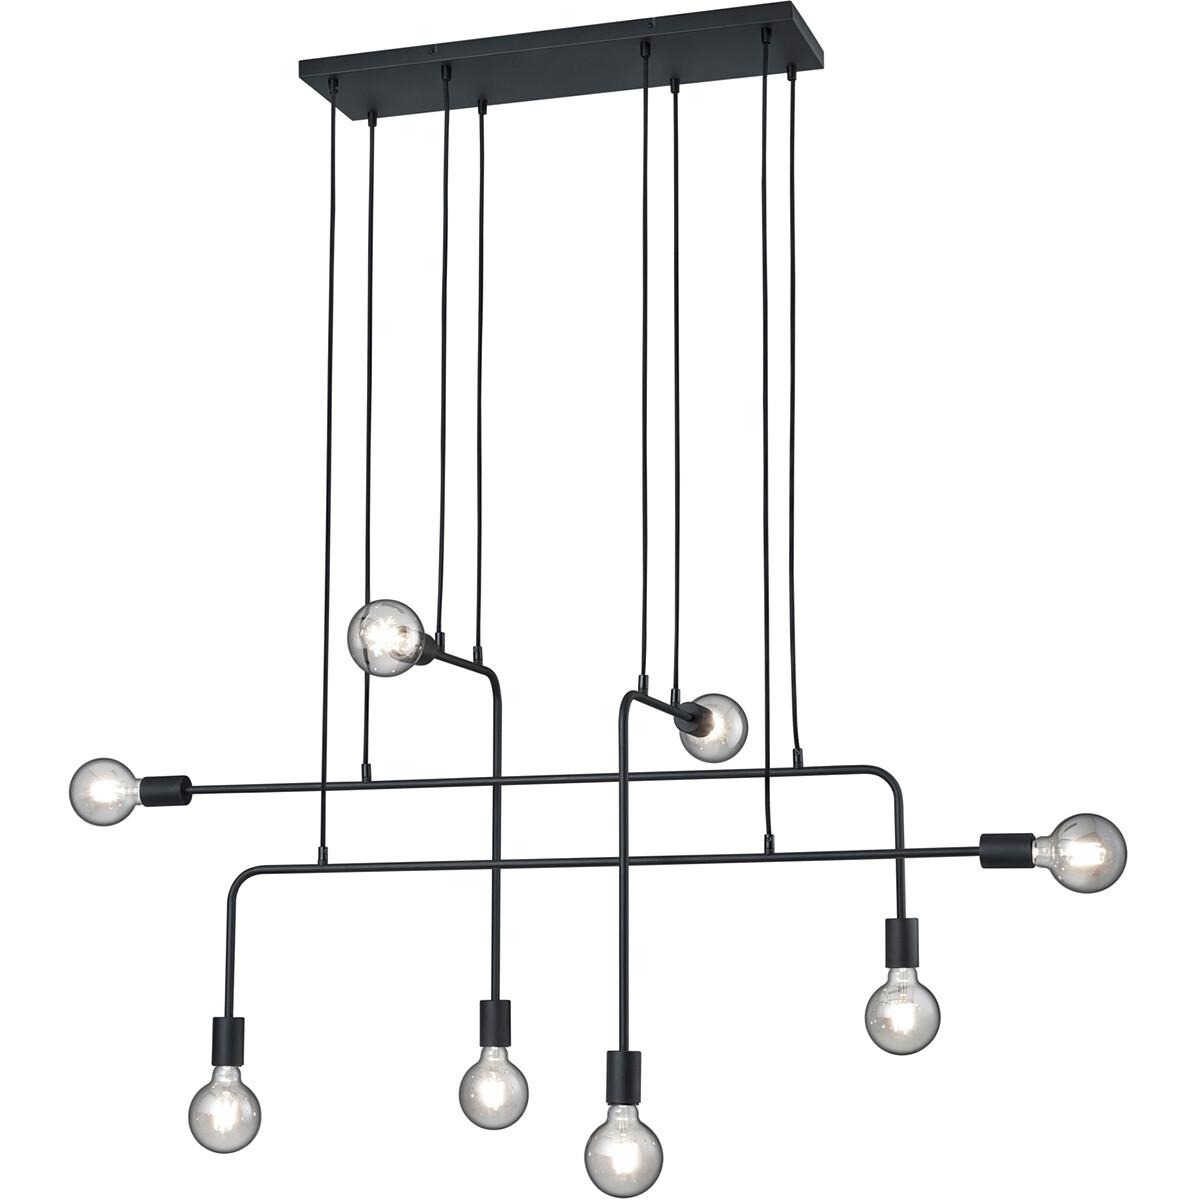 LED Hanglamp - Trion Conar - E27 Fitting - Rechthoek - Mat Zwart - Aluminium